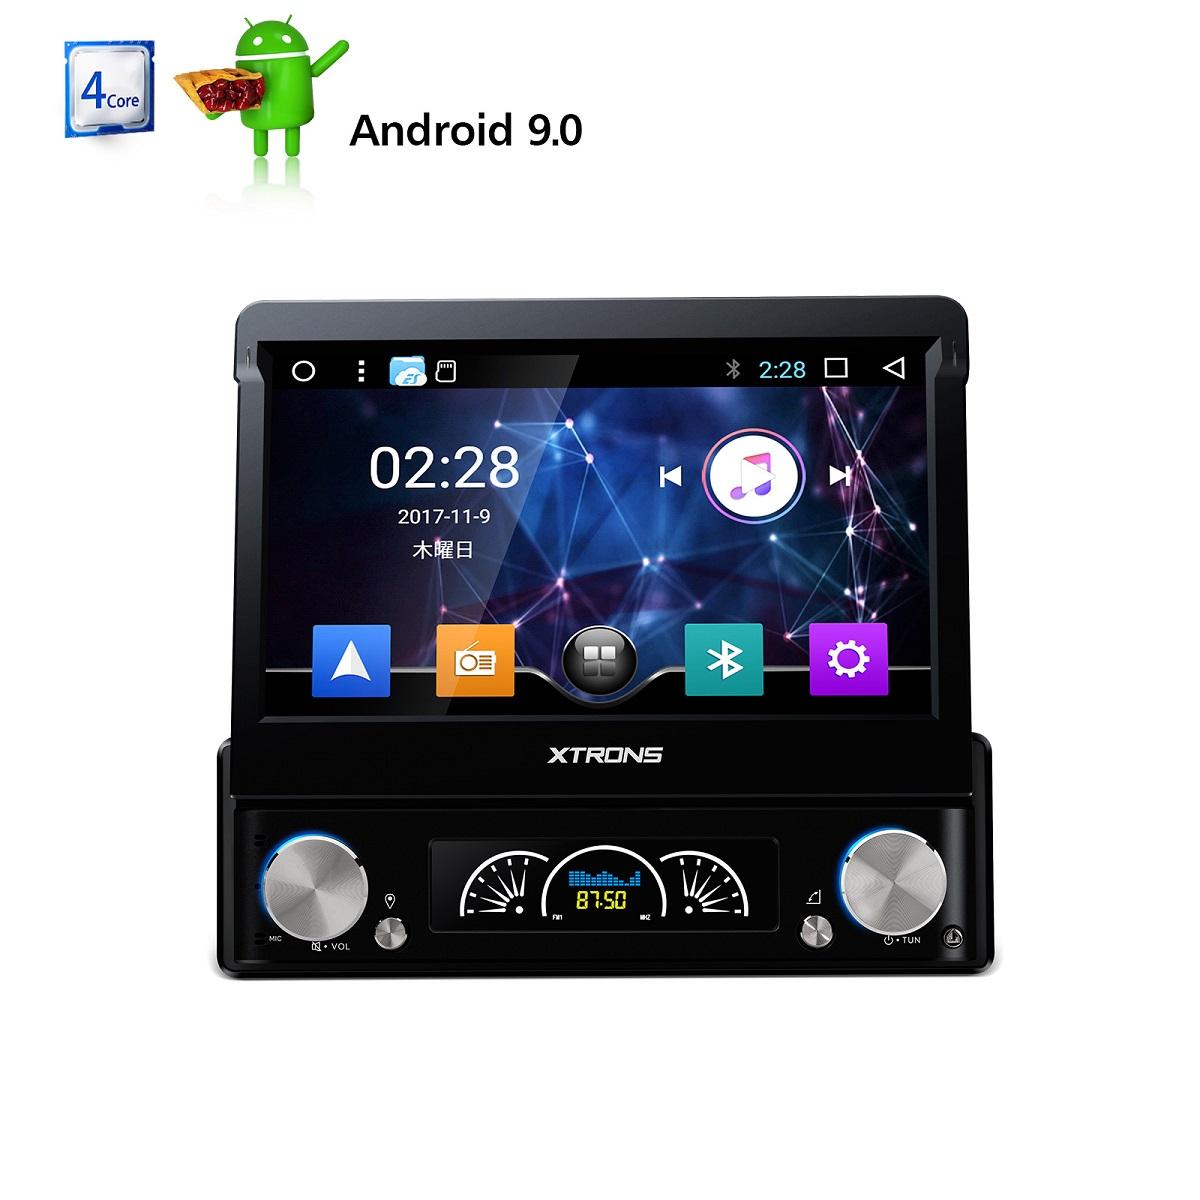 (D739AS)XTRONS カーナビ 1DIN アンドロイド 9.0 カーオーディオ DVDプレーヤー 7インチ 全画面シェア マルチウィンドウ WIFI GPS OBD2 ミラーリング